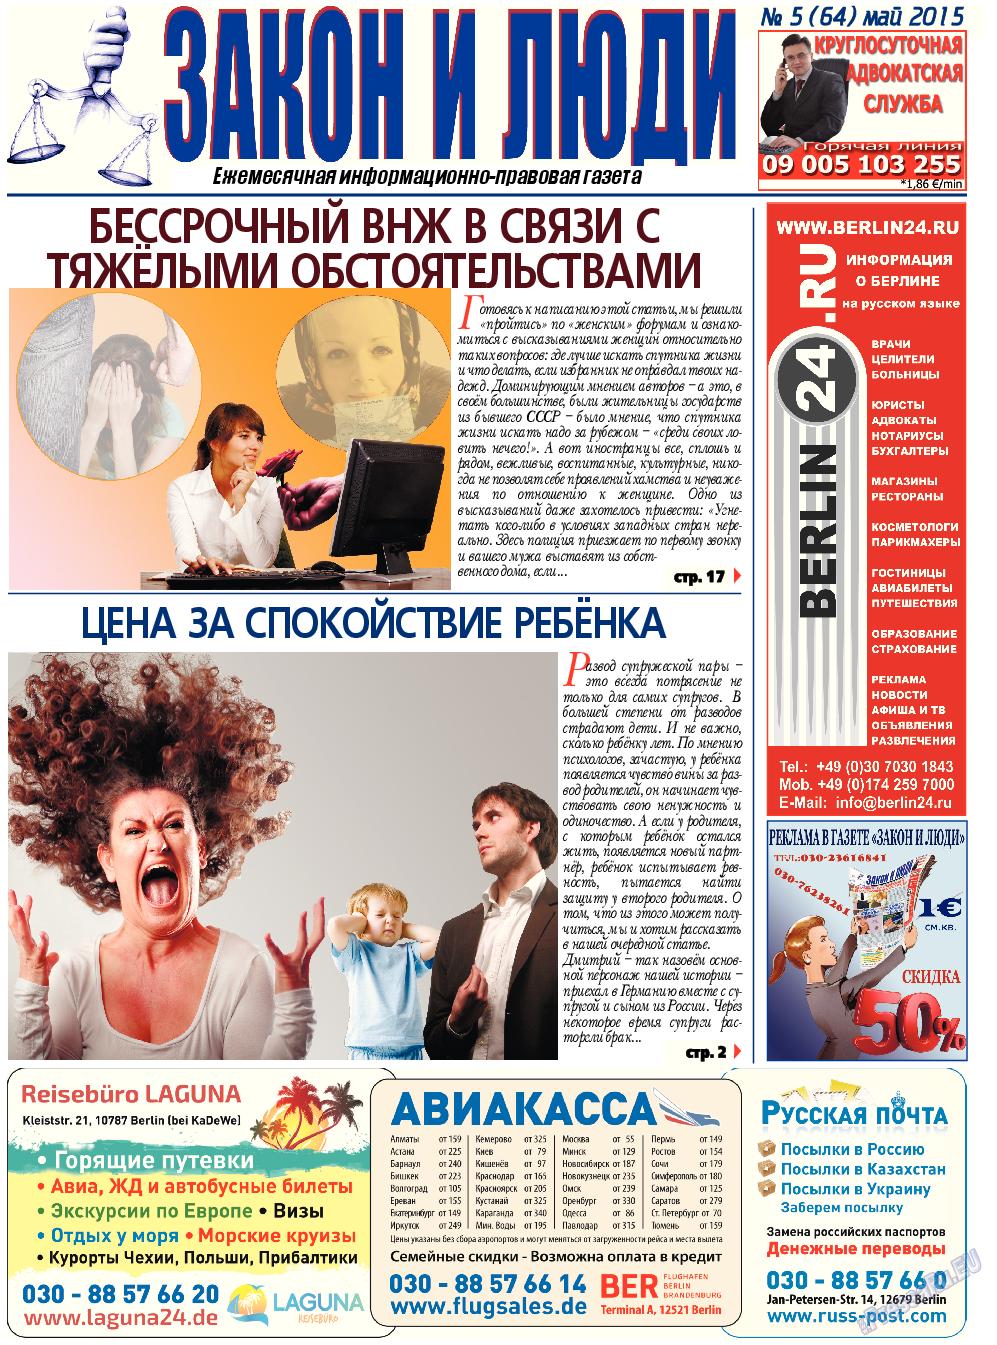 Закон и люди (газета). 2015 год, номер 5, стр. 1